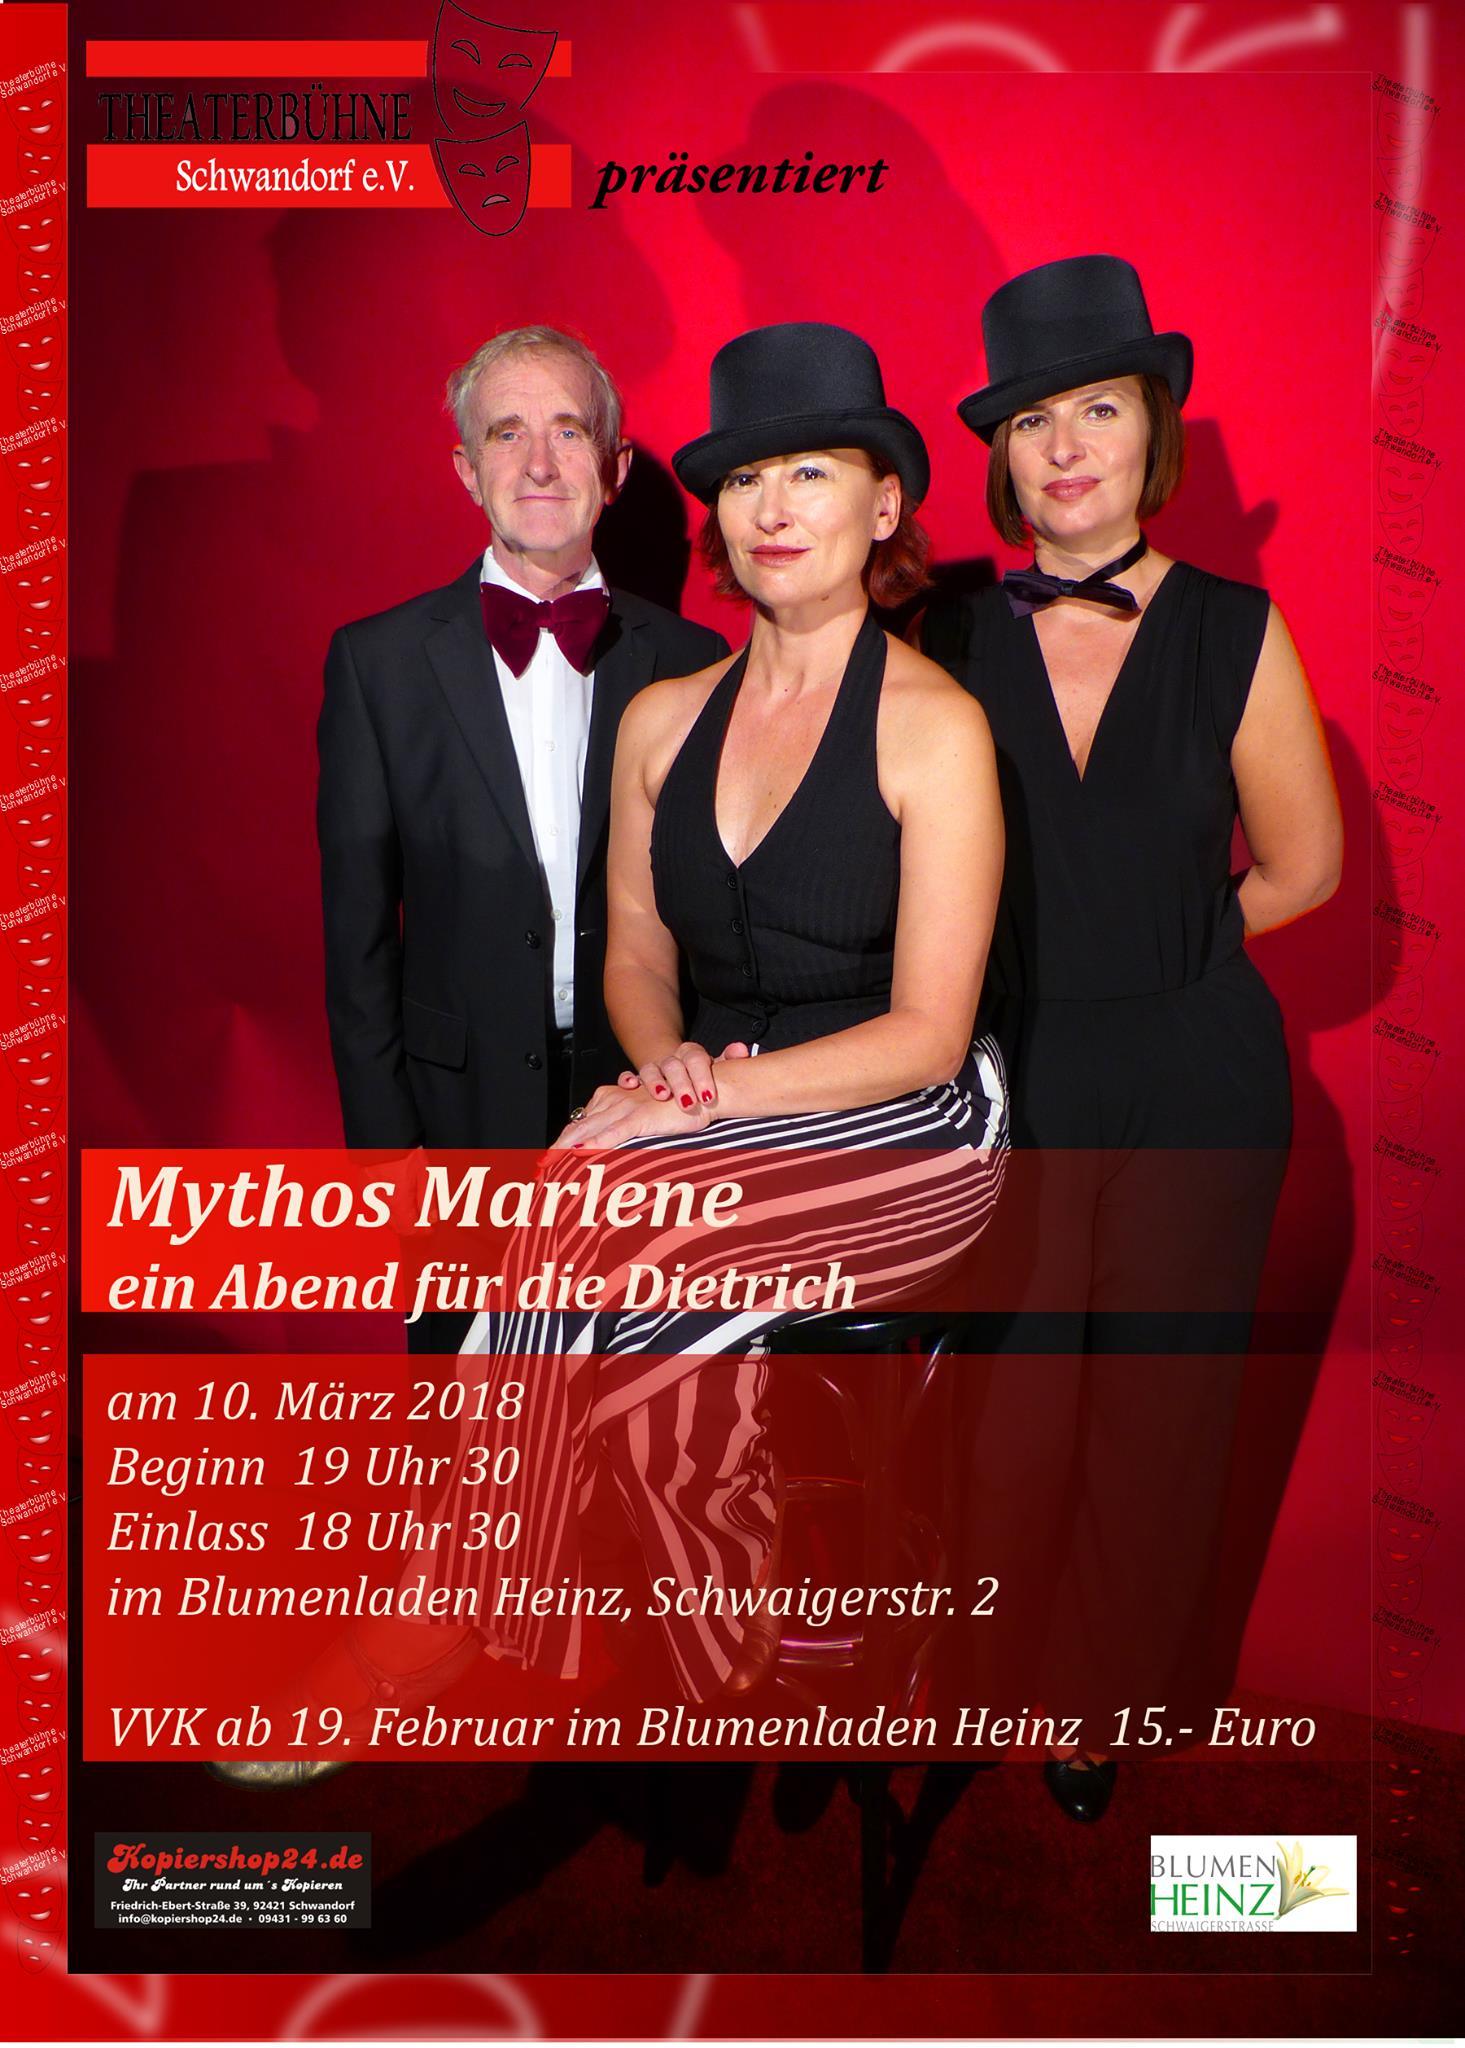 Mythos Marlene bei Blumen Heinz